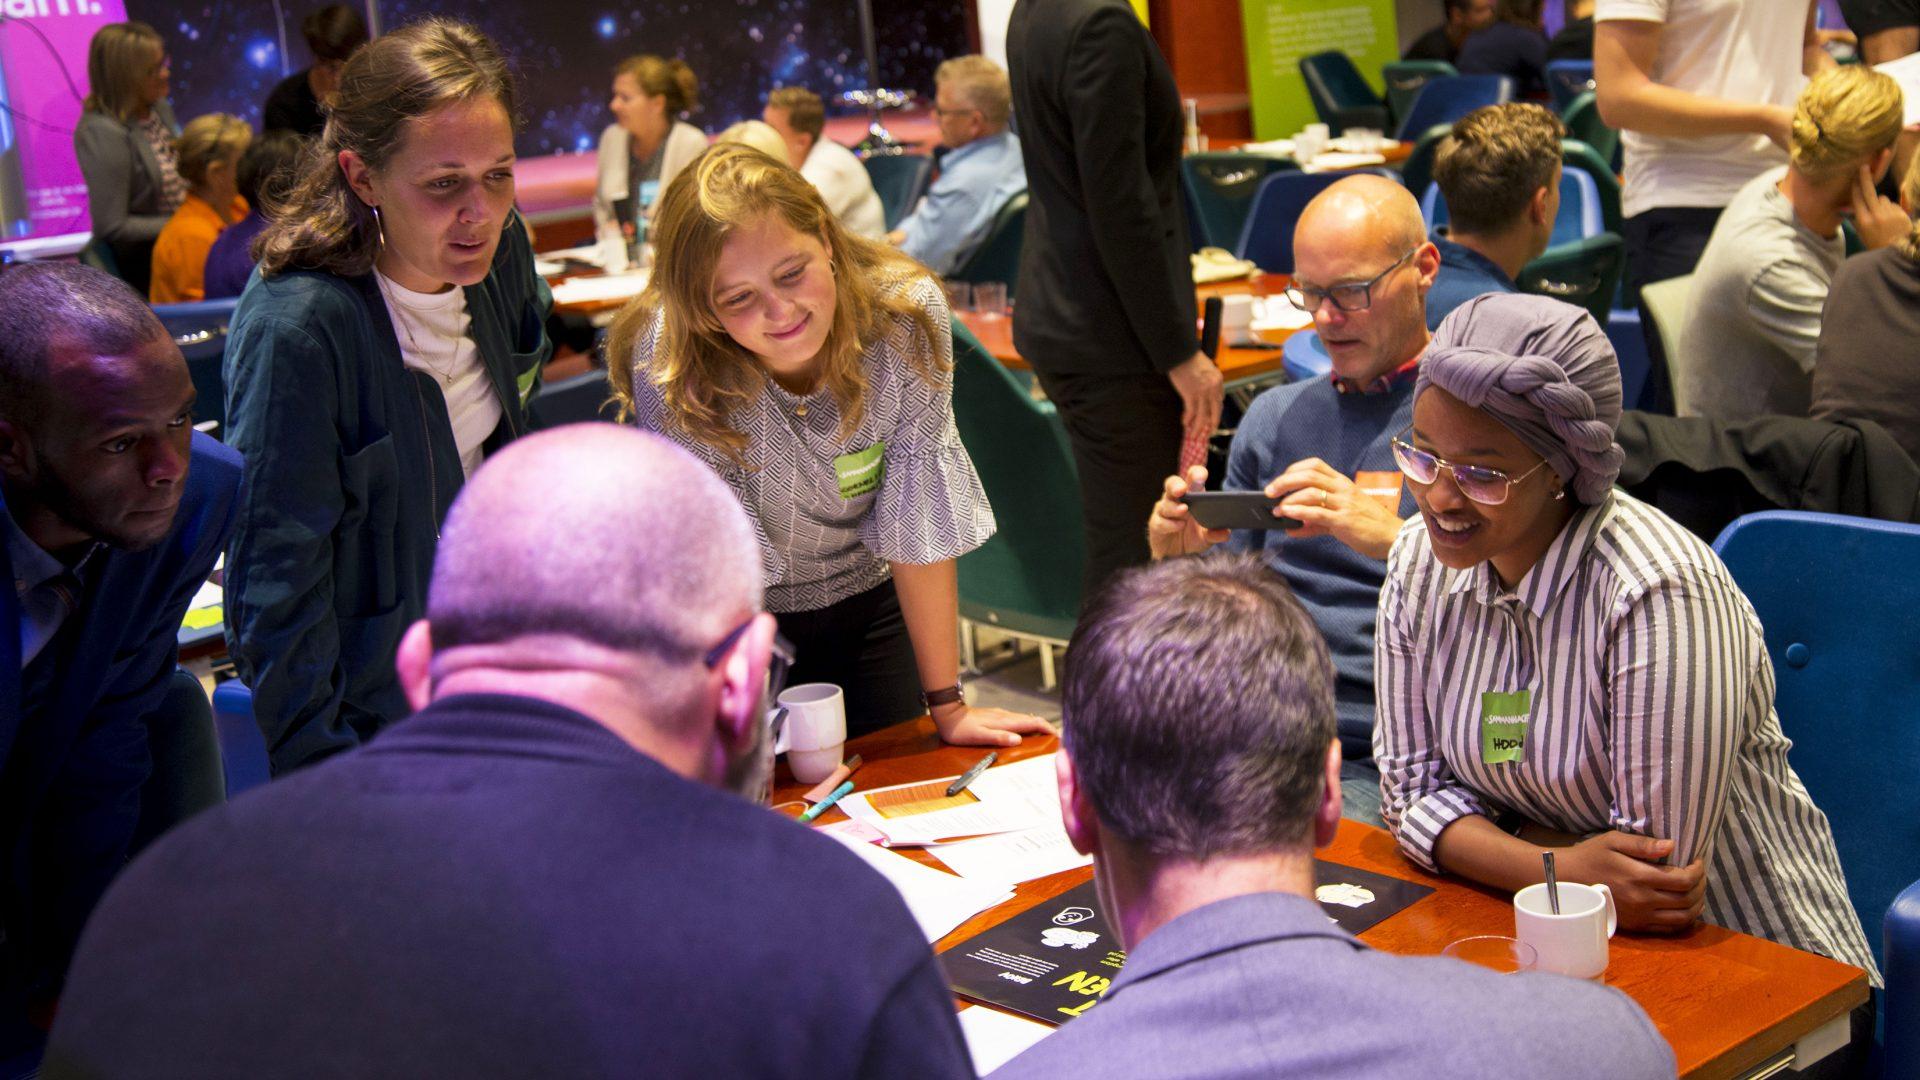 Personer som sitter runt ett bord och jobbar och diskuterar.